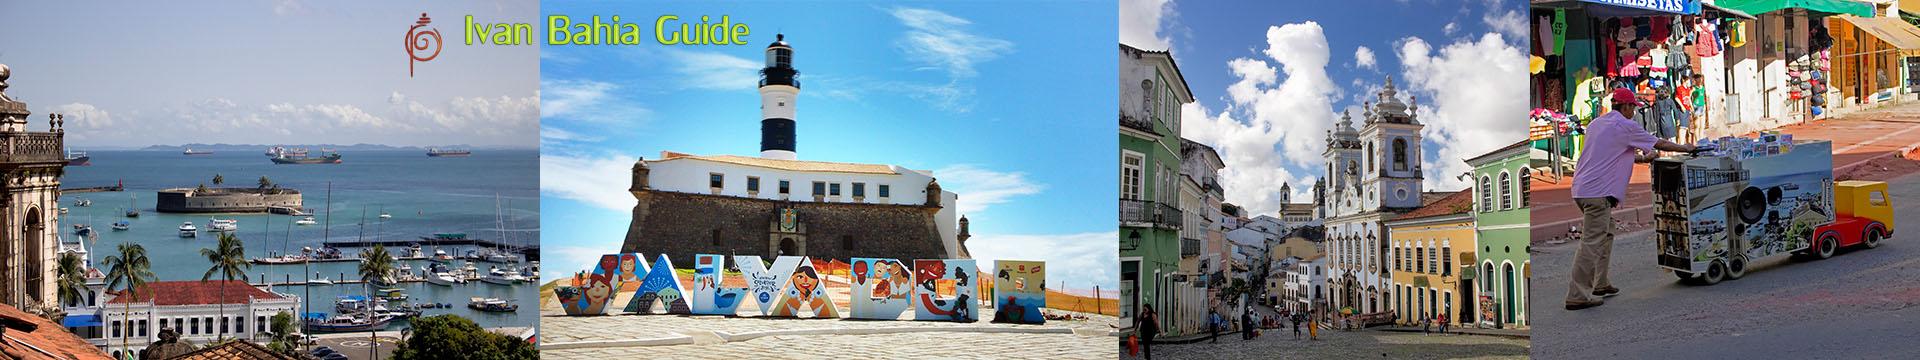 Ivan Salvador da Bahia tour-guide / 5 days to discover the best of the city